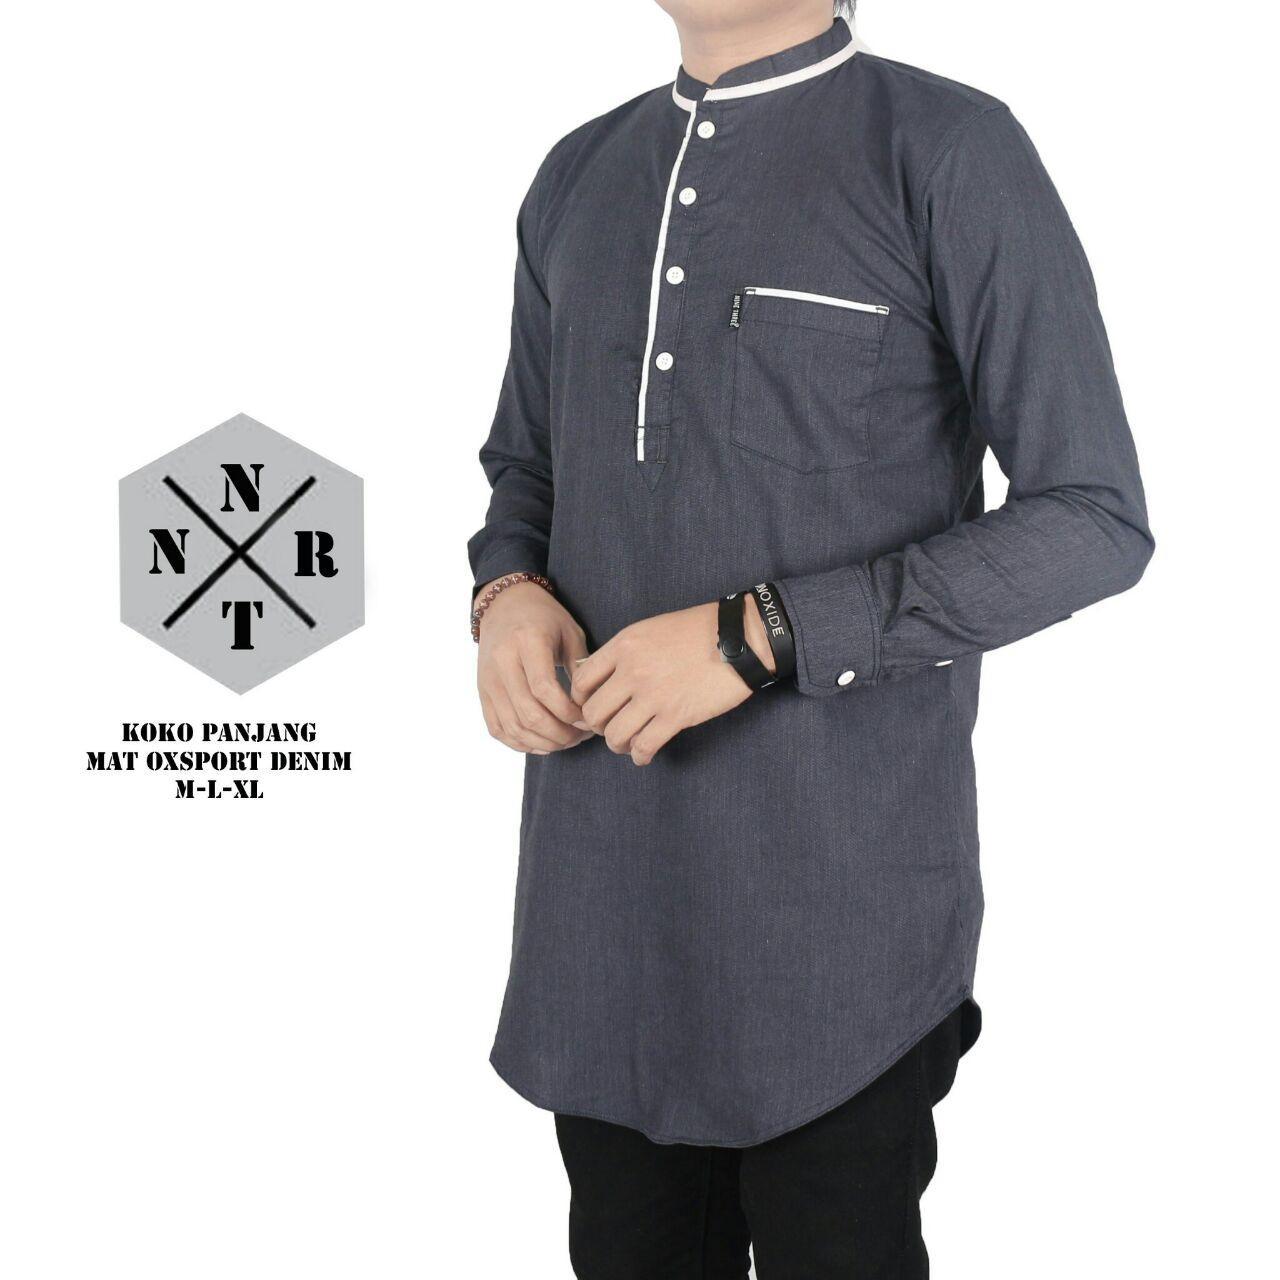 Baju Muslim Terbaru - Baju Koko - Busana Muslim